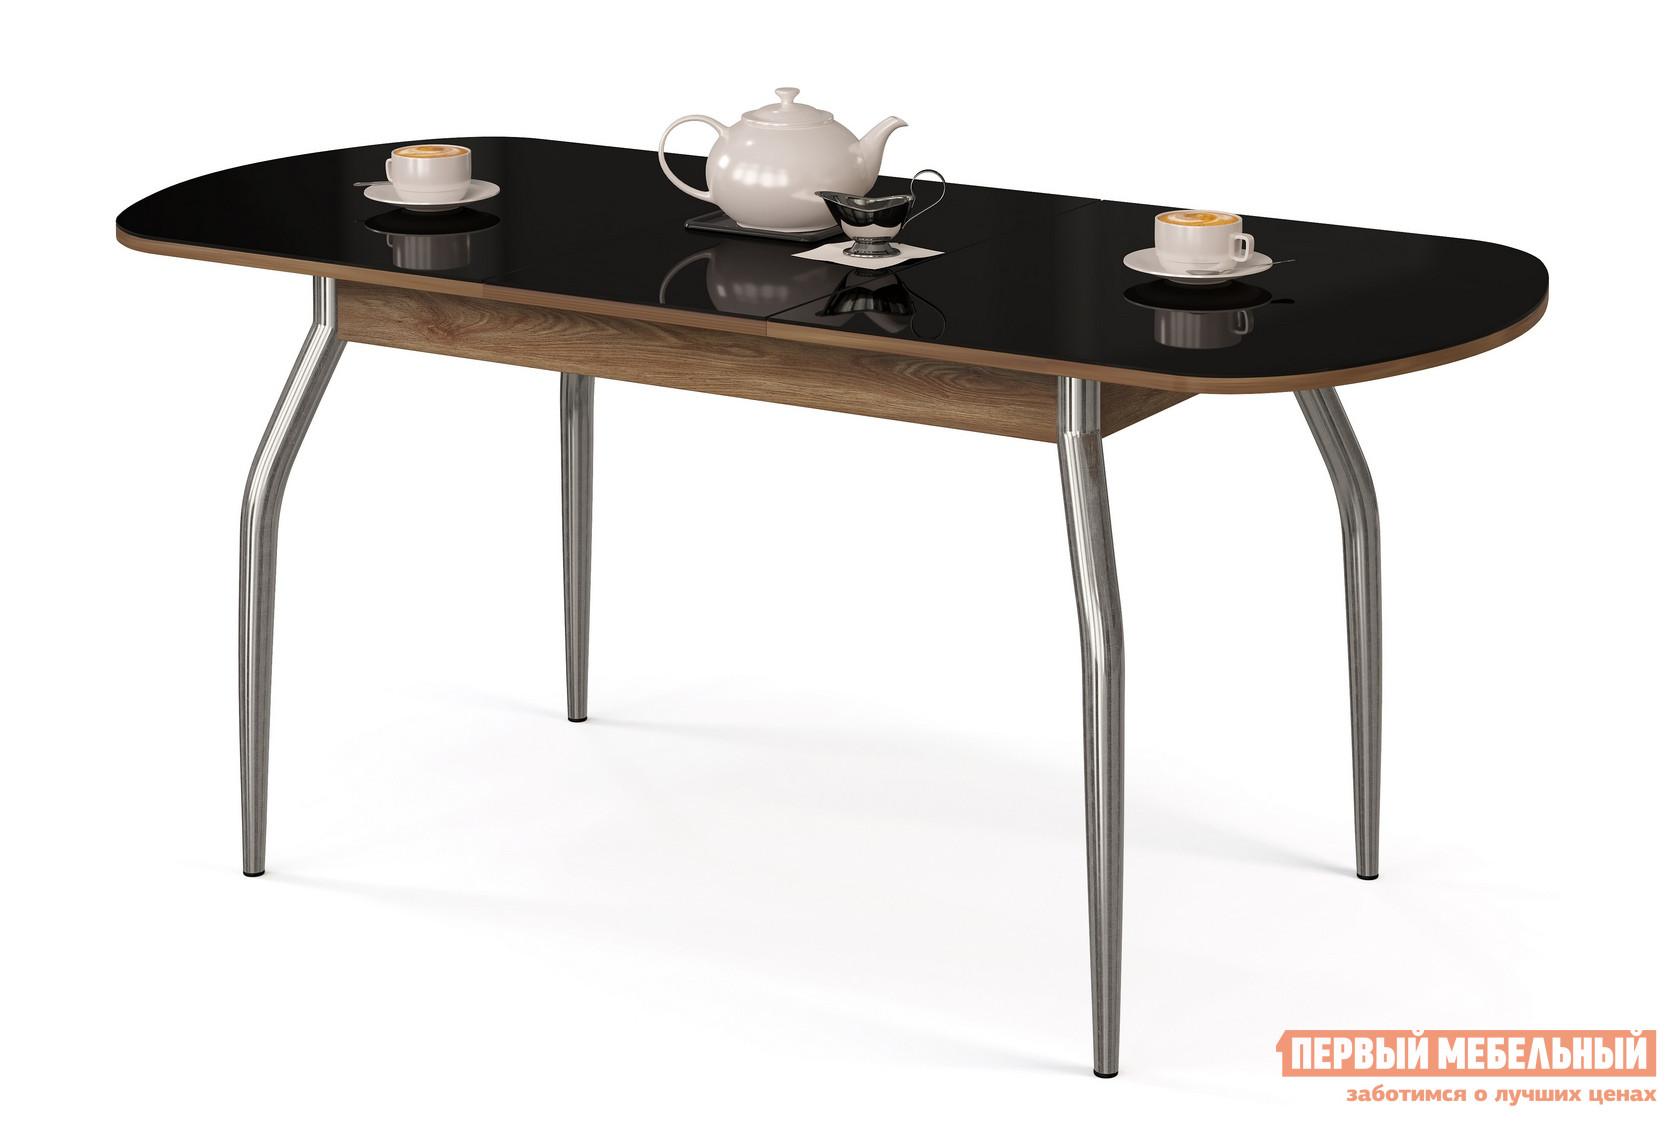 Кухонный стол МегаЭлатон Сиена Мини-Стекло Черный, Дуб швейцарский